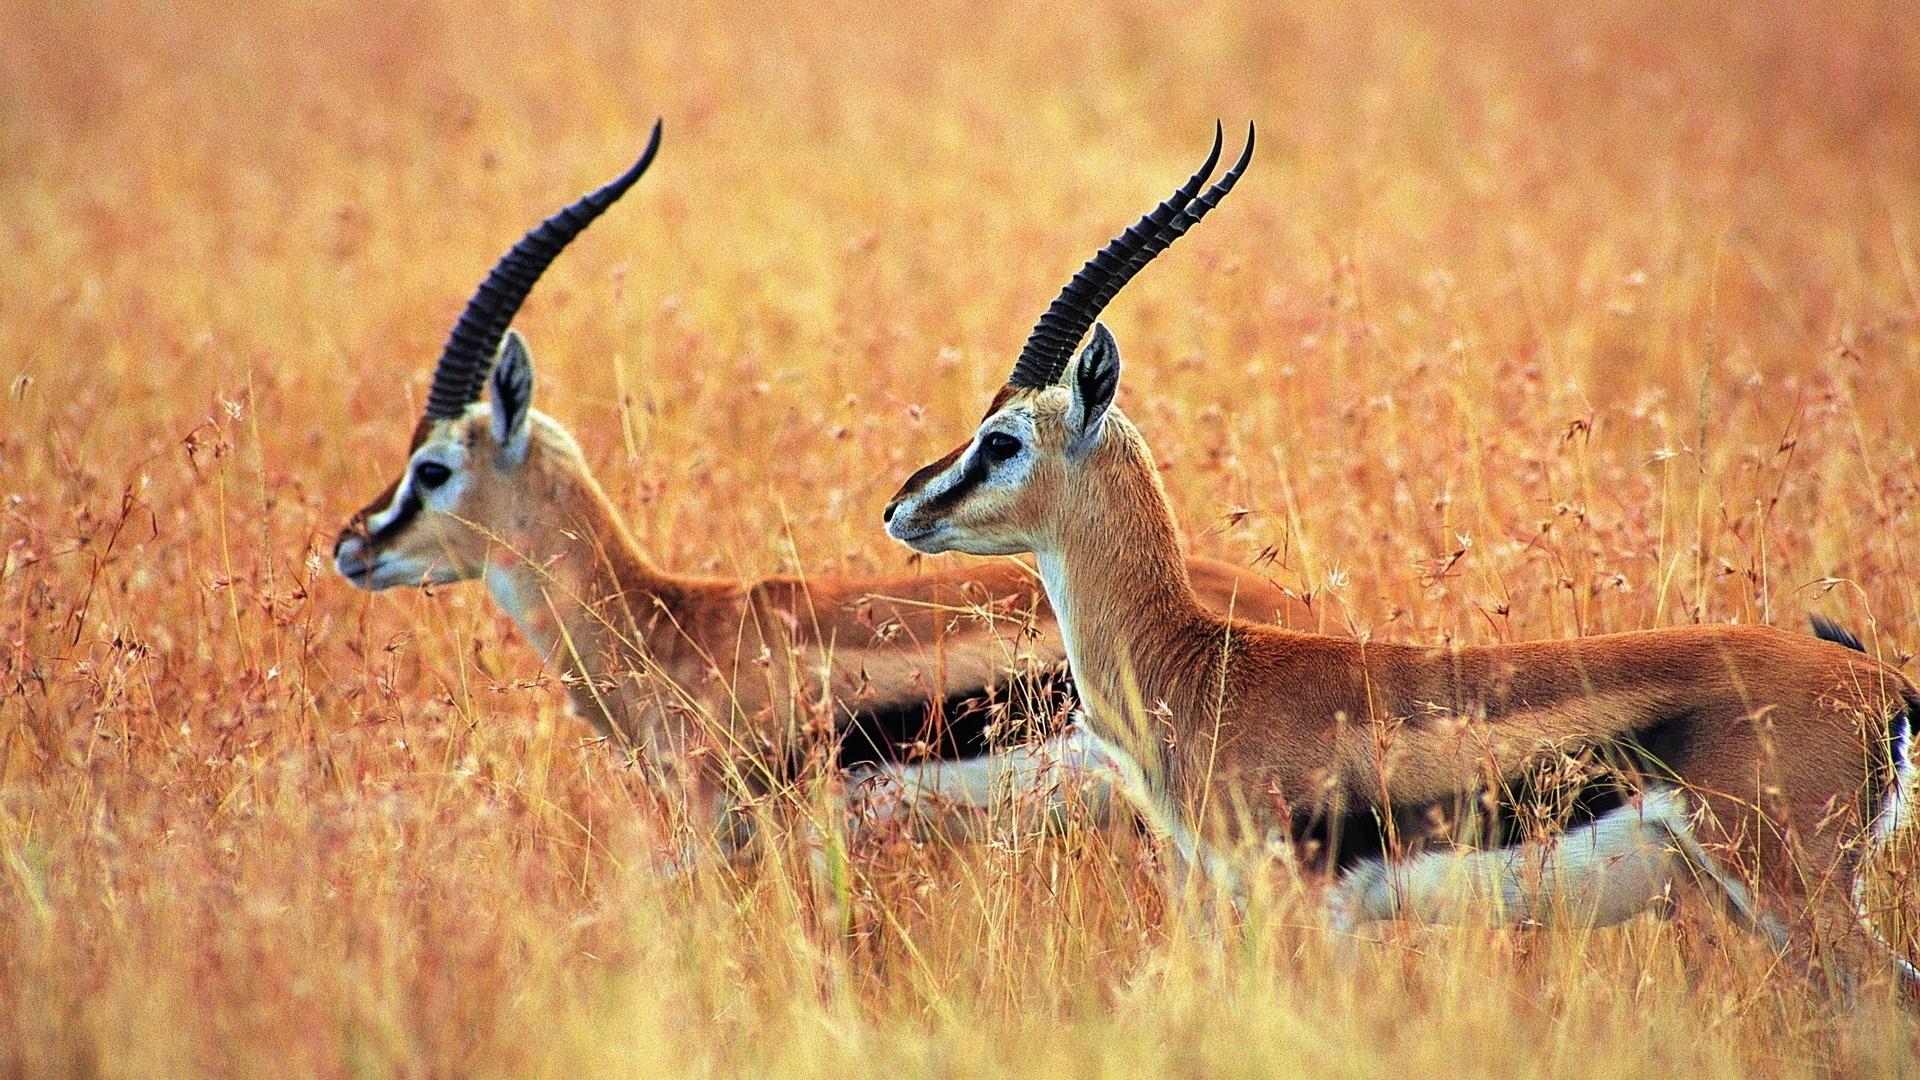 Antelope Wallpaper